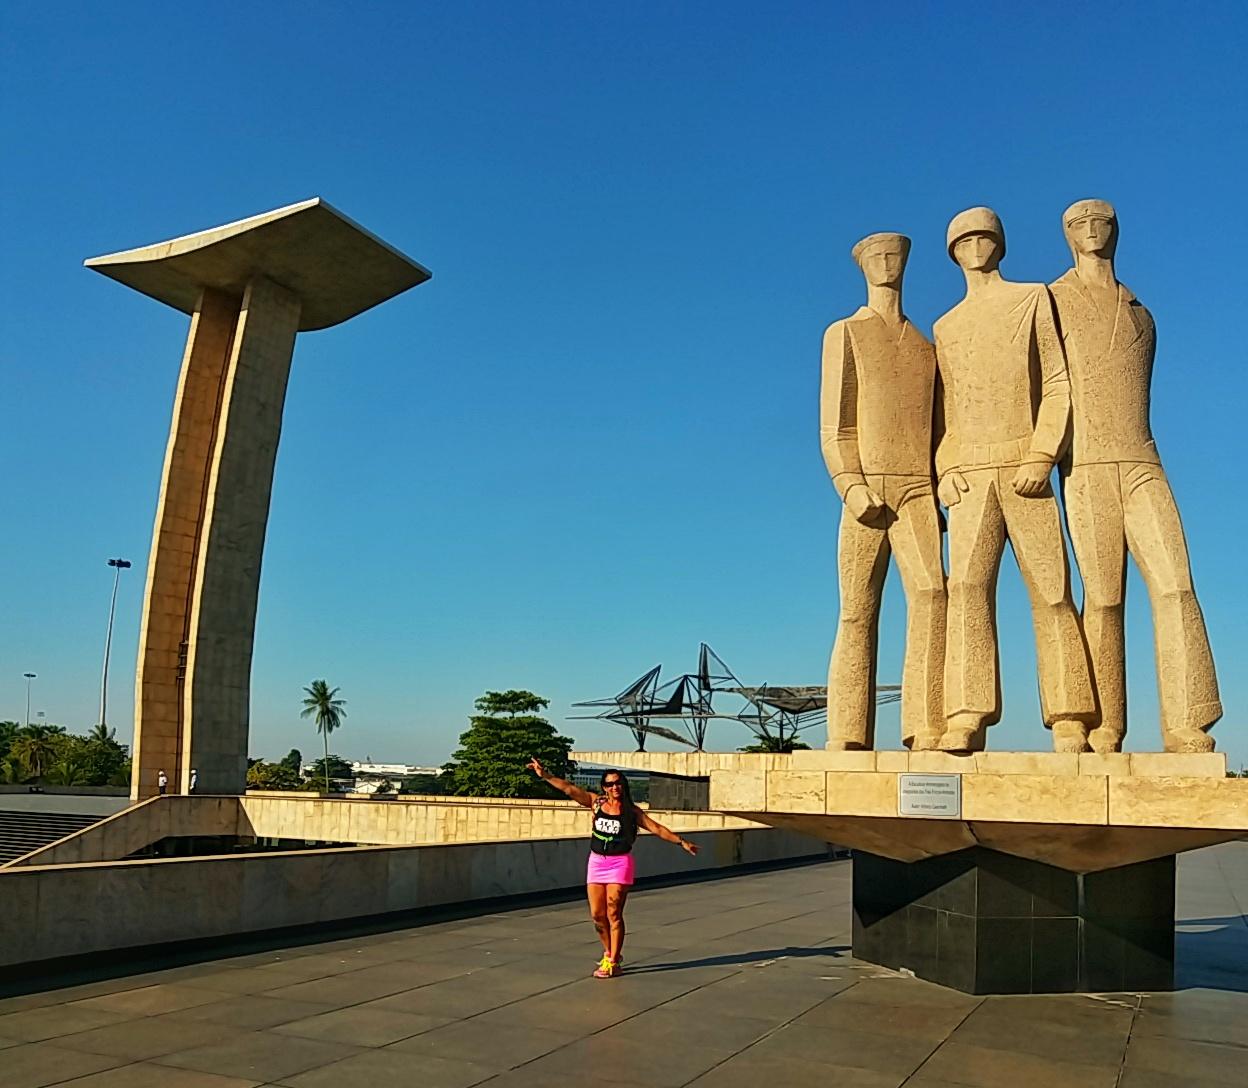 Cariocas Monuments, Rio de Janeiro